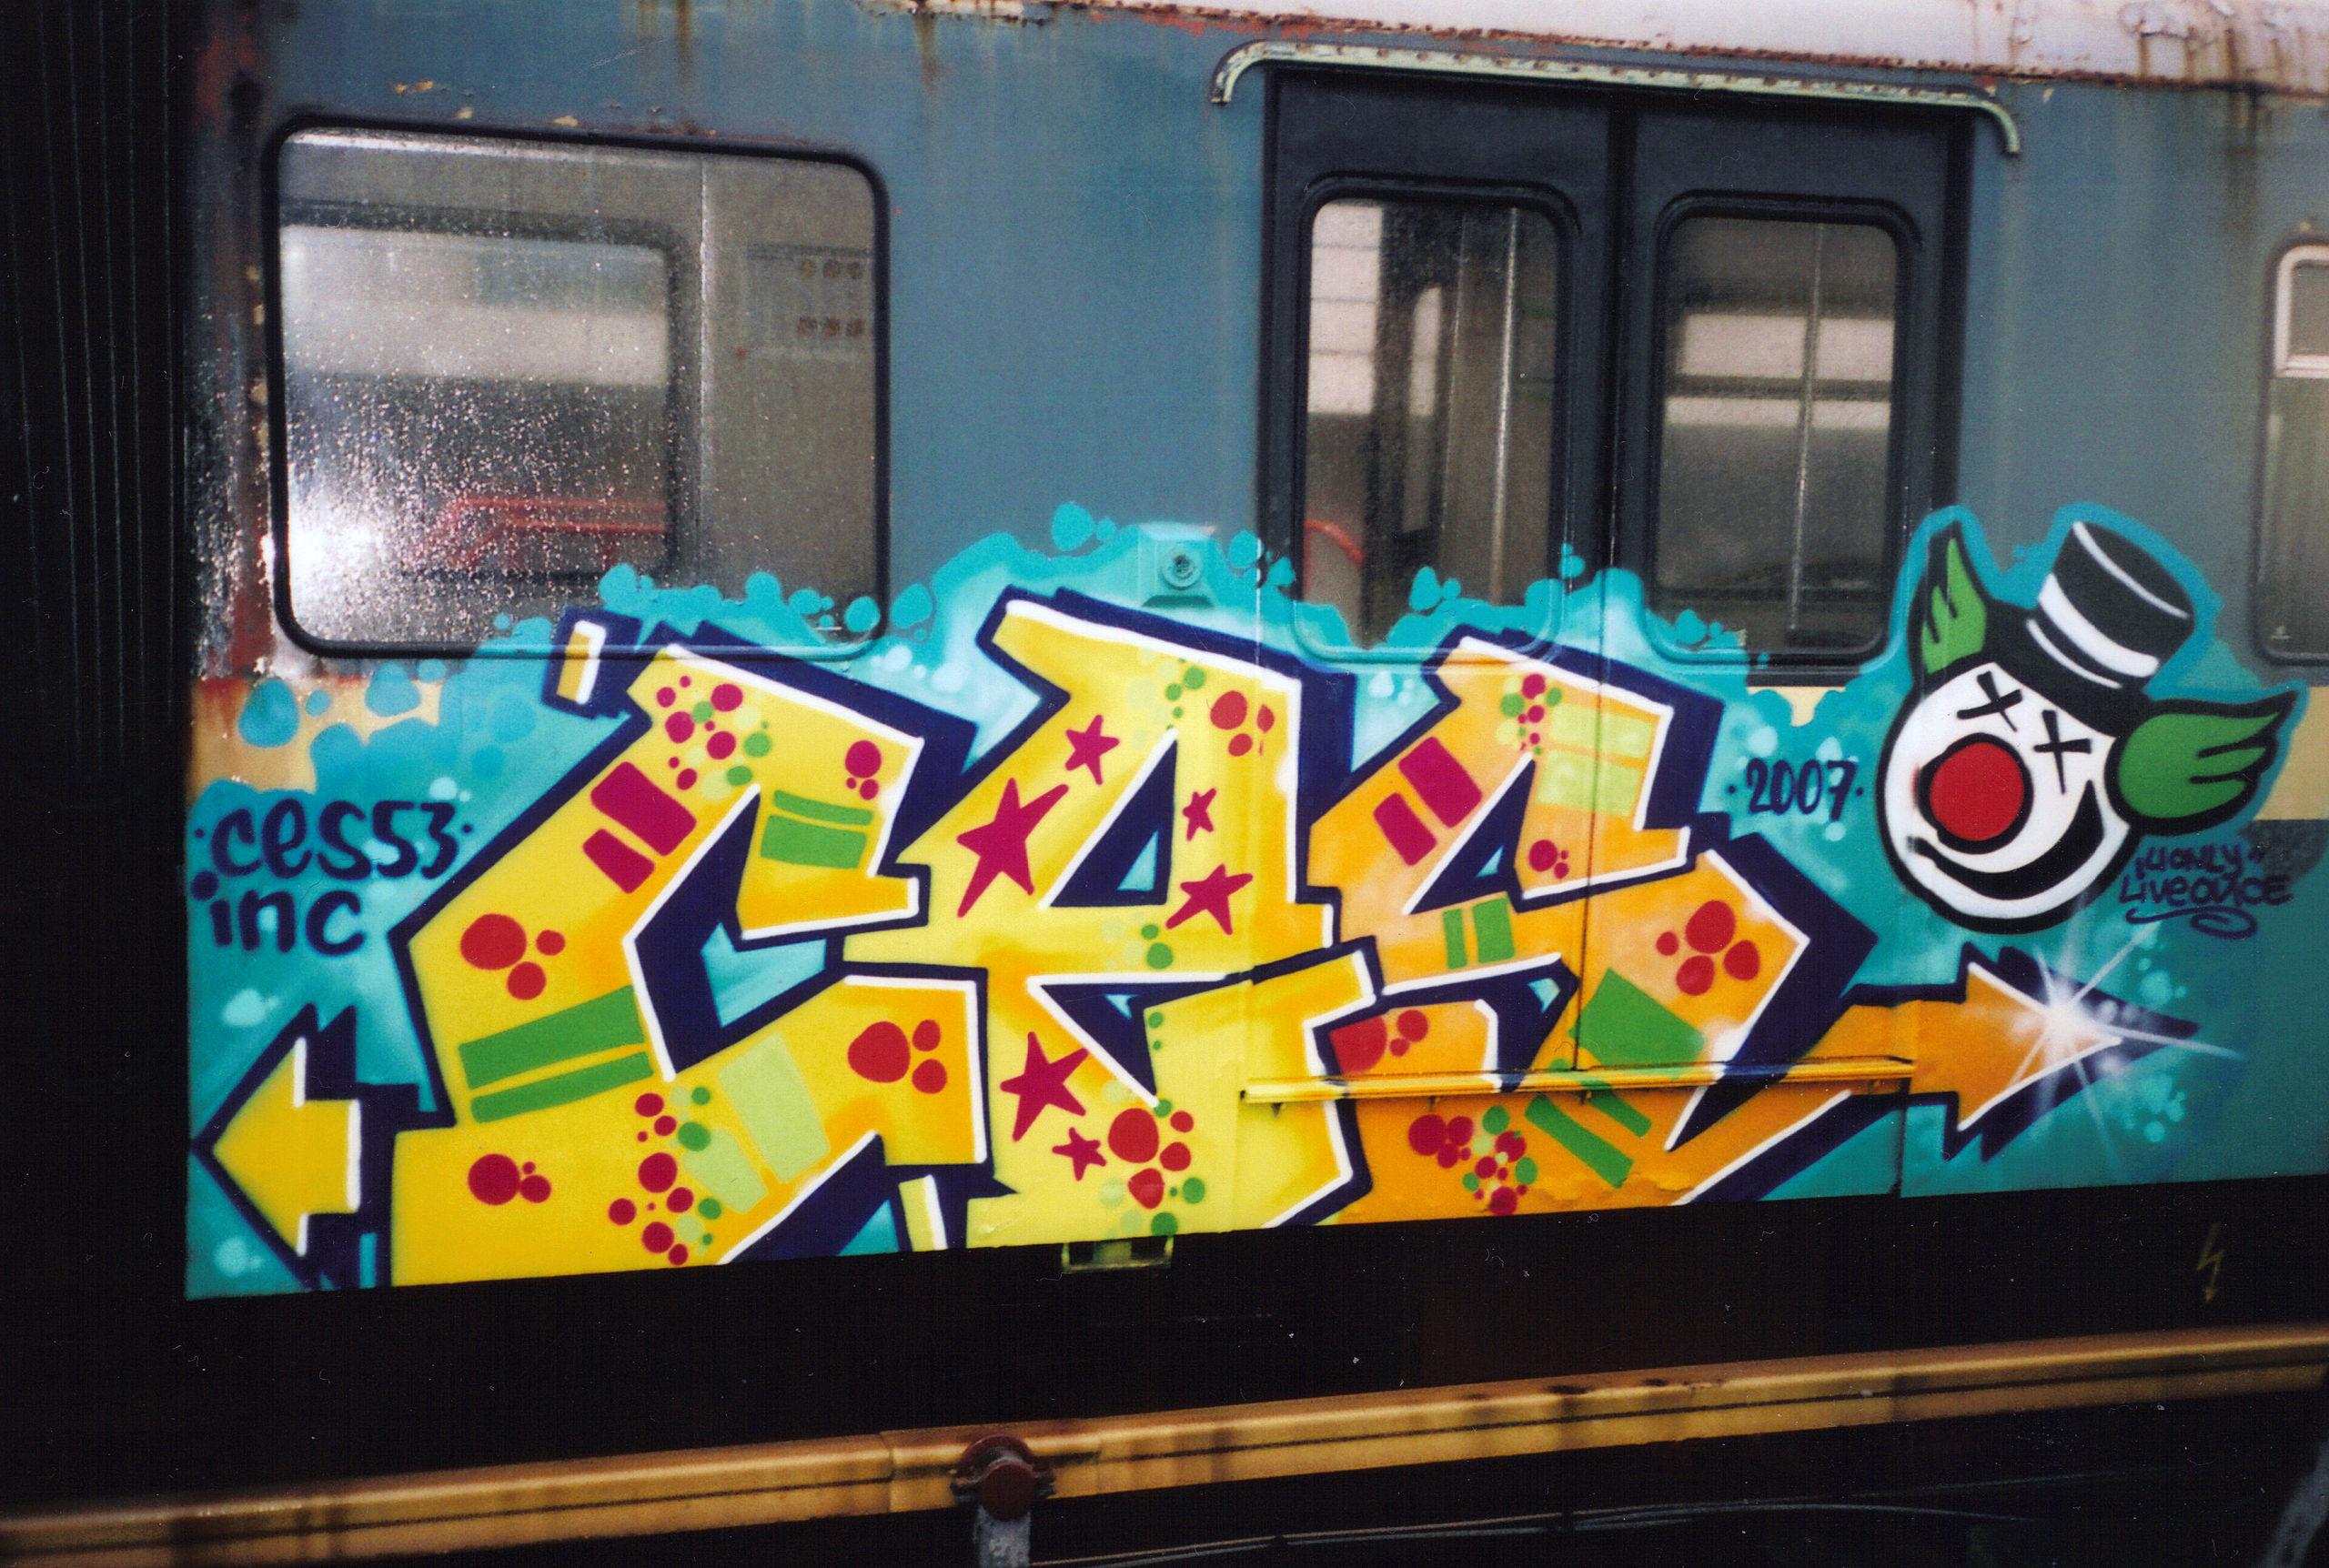 Graffiti op een metro, gemaakt door Ces53, een Nederlandse graffitikunstenaar.